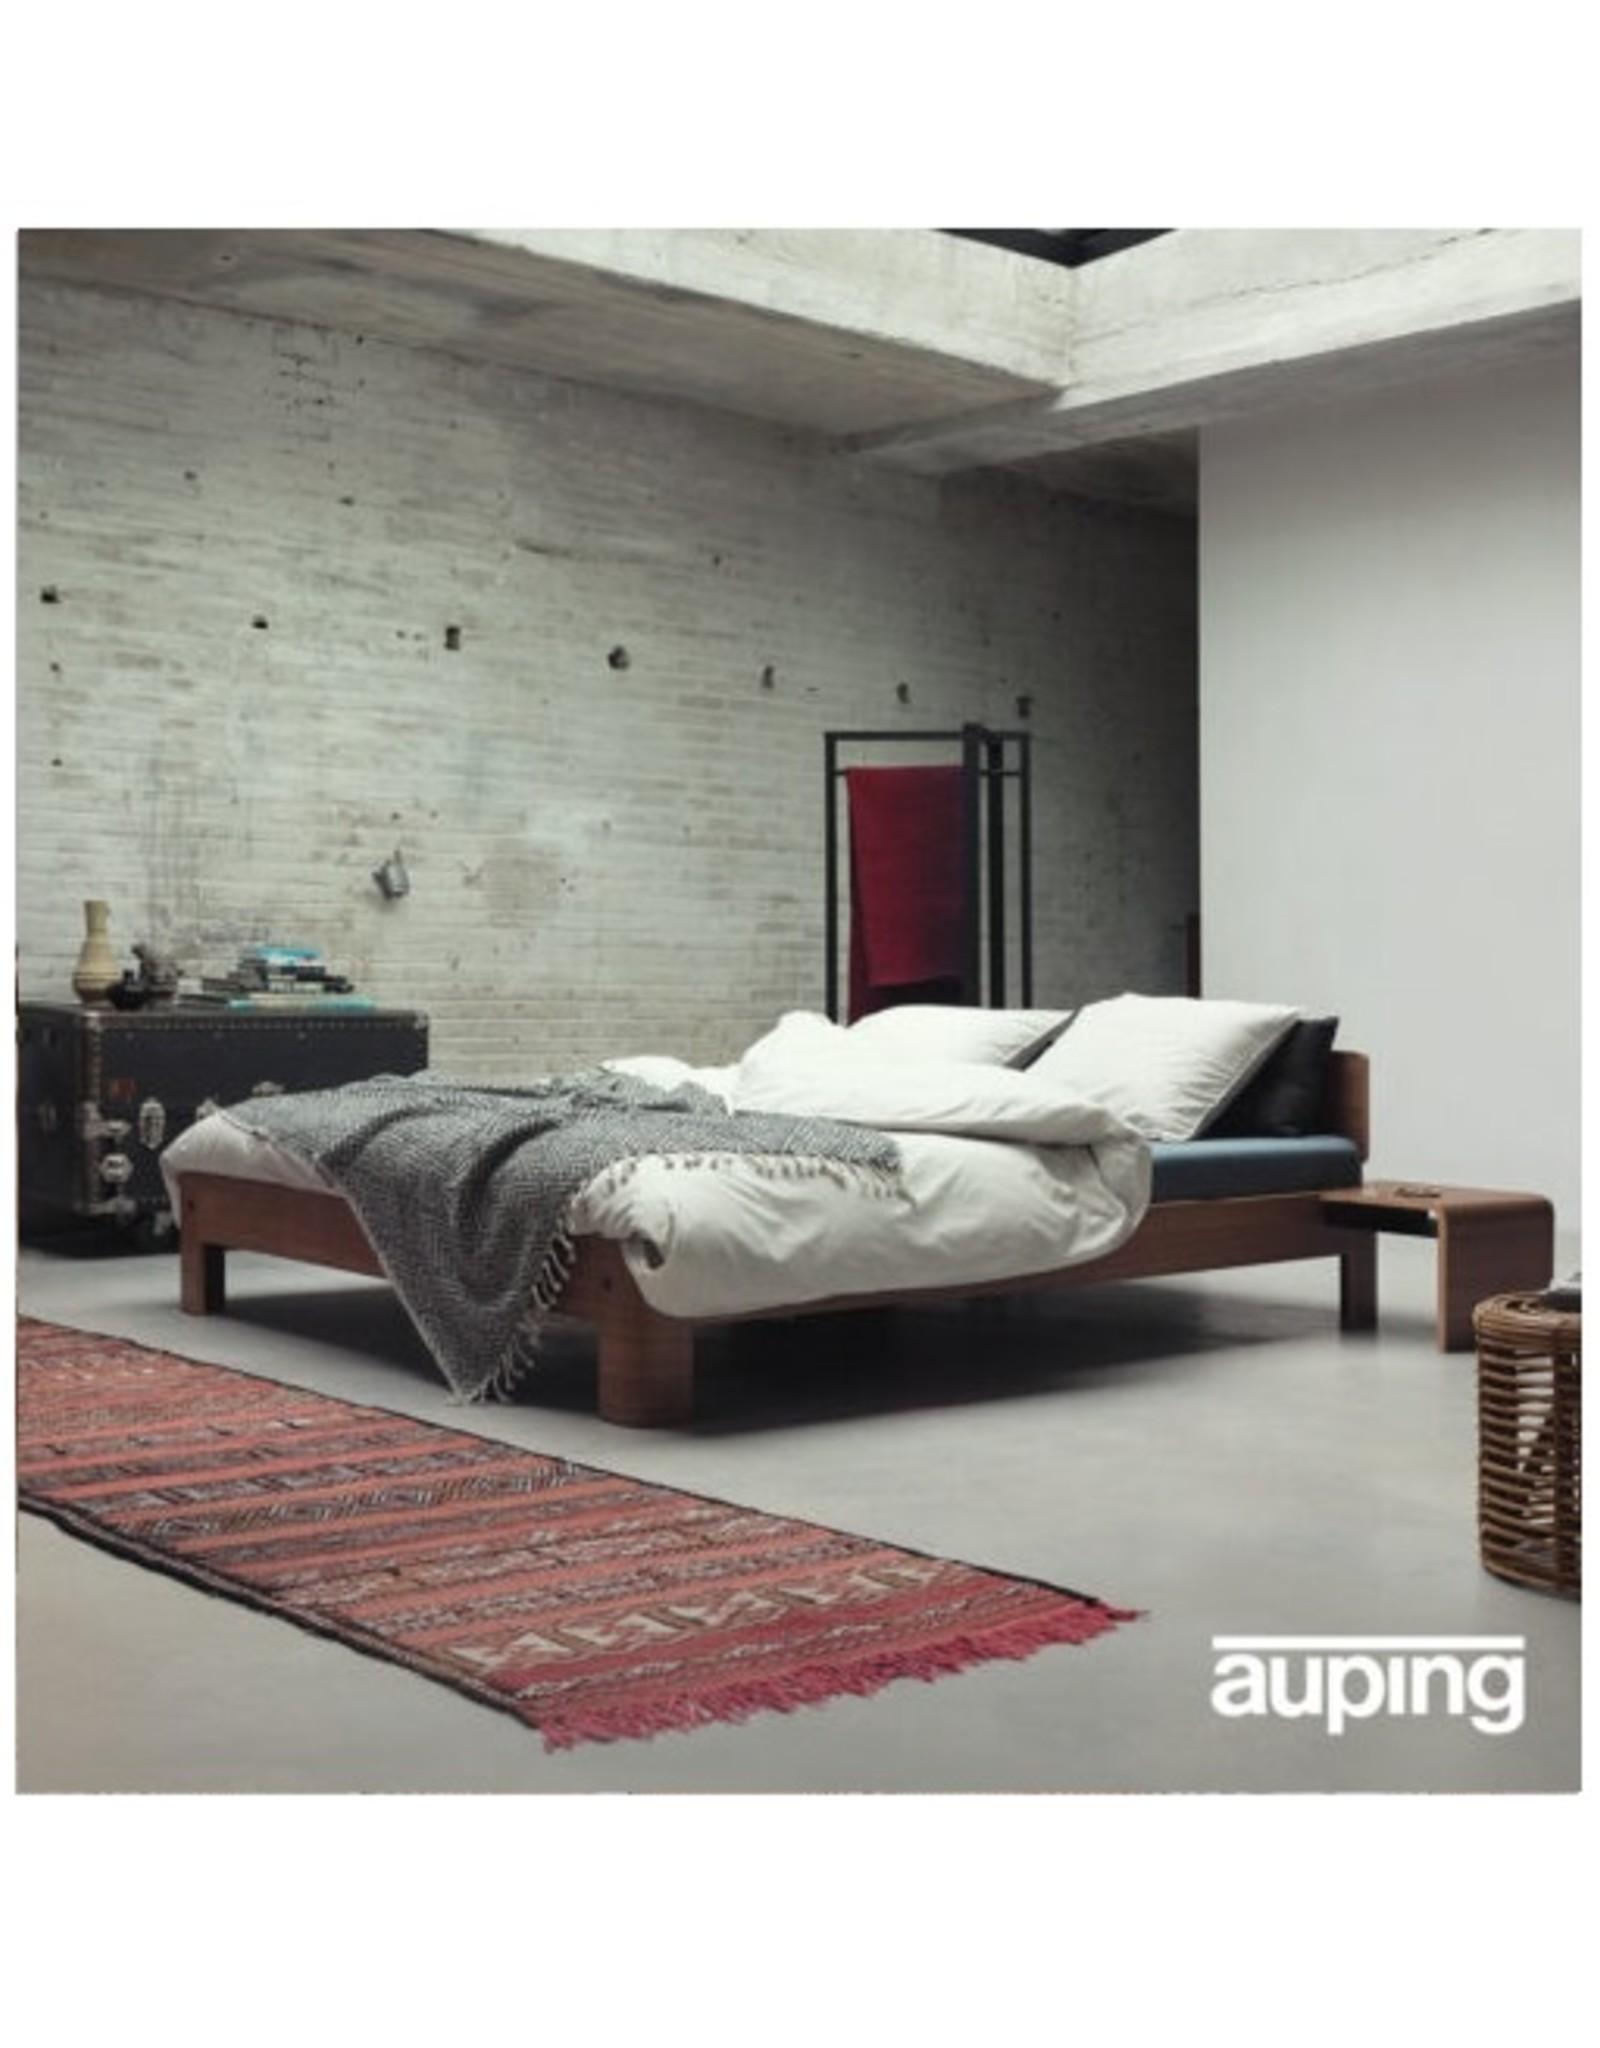 Auping Bedkader Auronde 1500